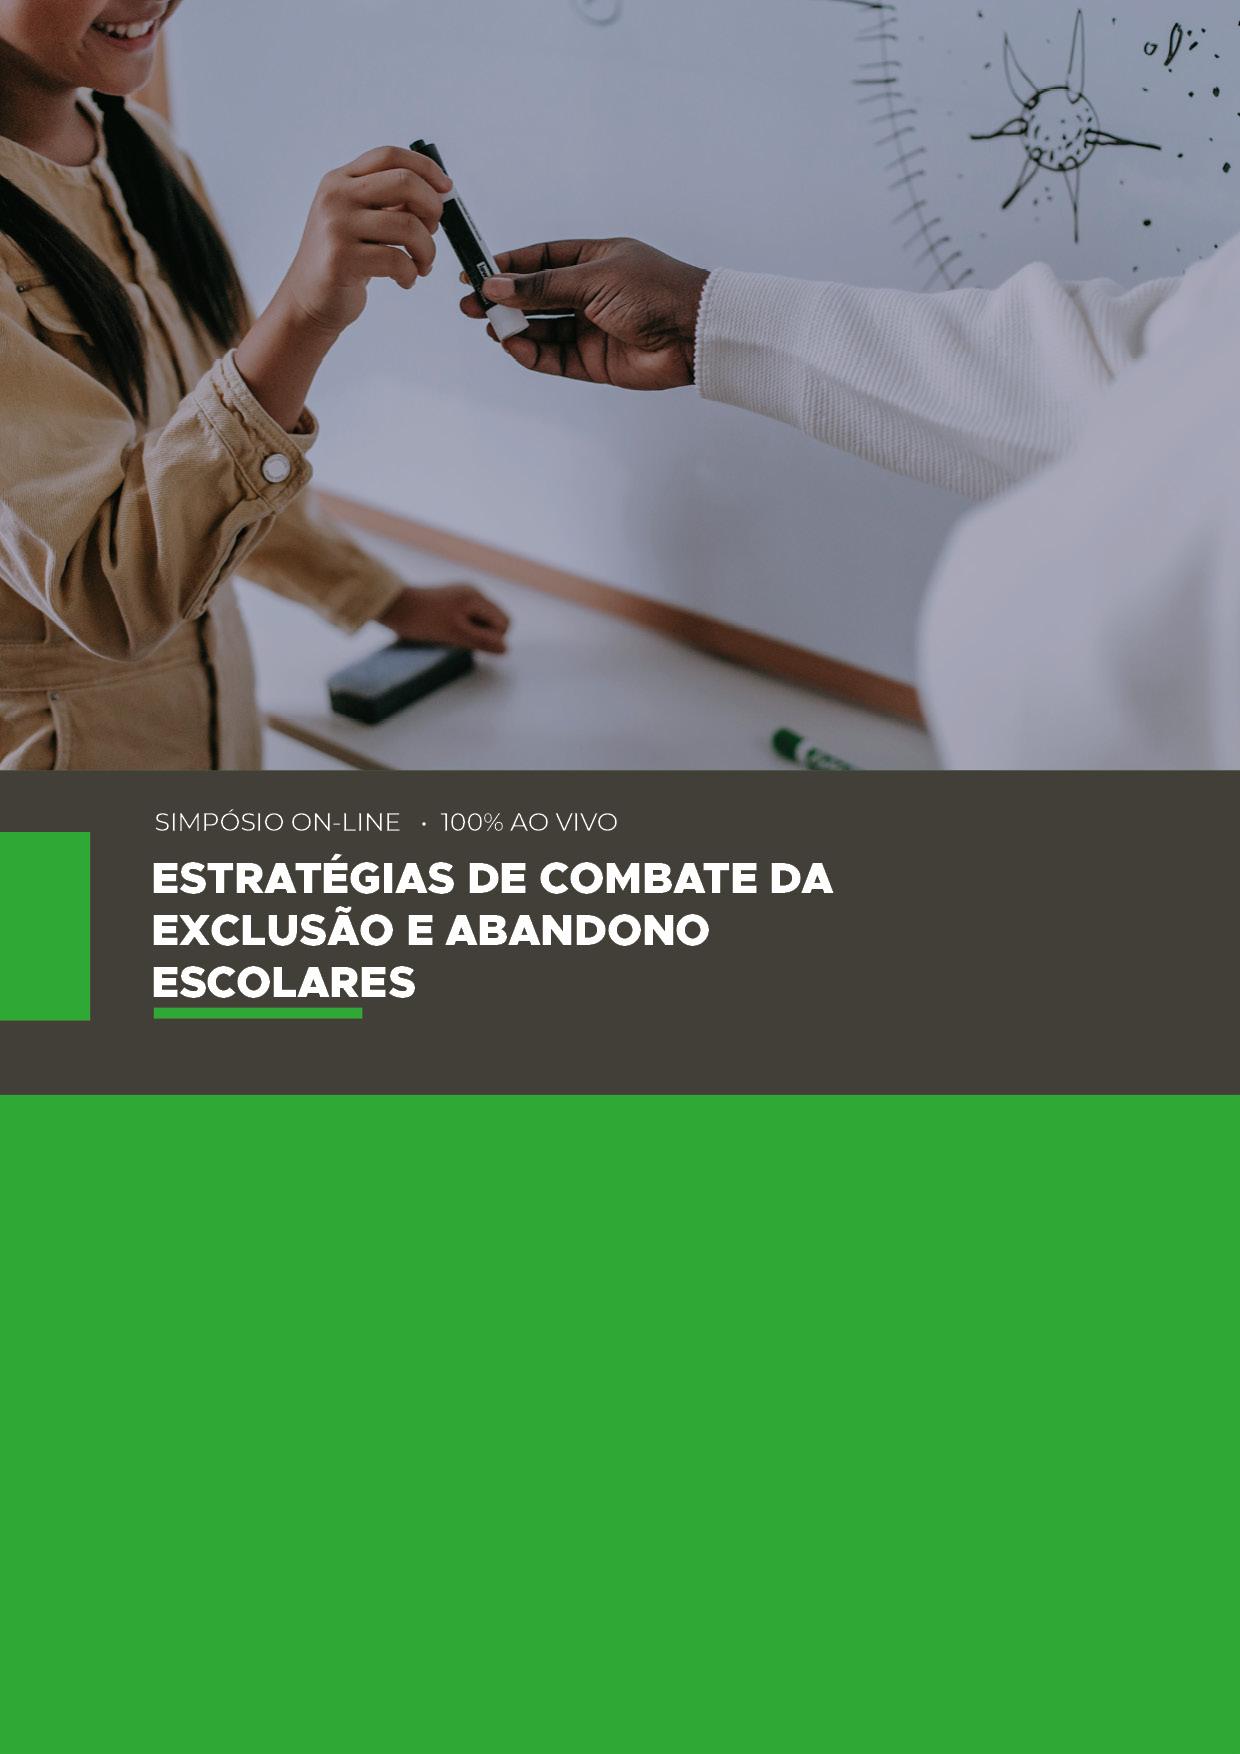 ESTRATÉGIAS DE COMBATE DA EXCLUSÃO E ABANDONO ESCOLARES